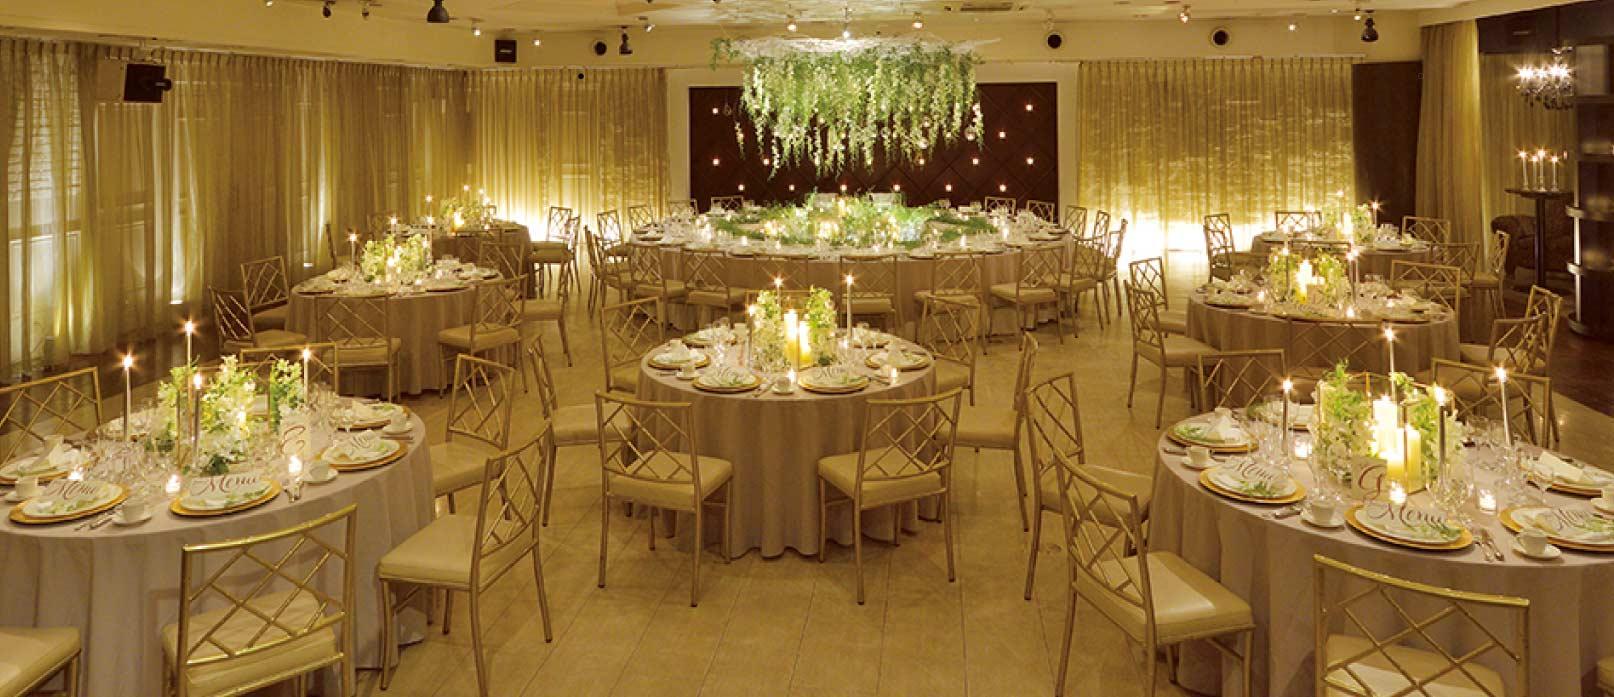 ザ マグリット | 岡山県岡山市の結婚式場・パーティーウェディング・おもてなしウェディング クラブモーガン